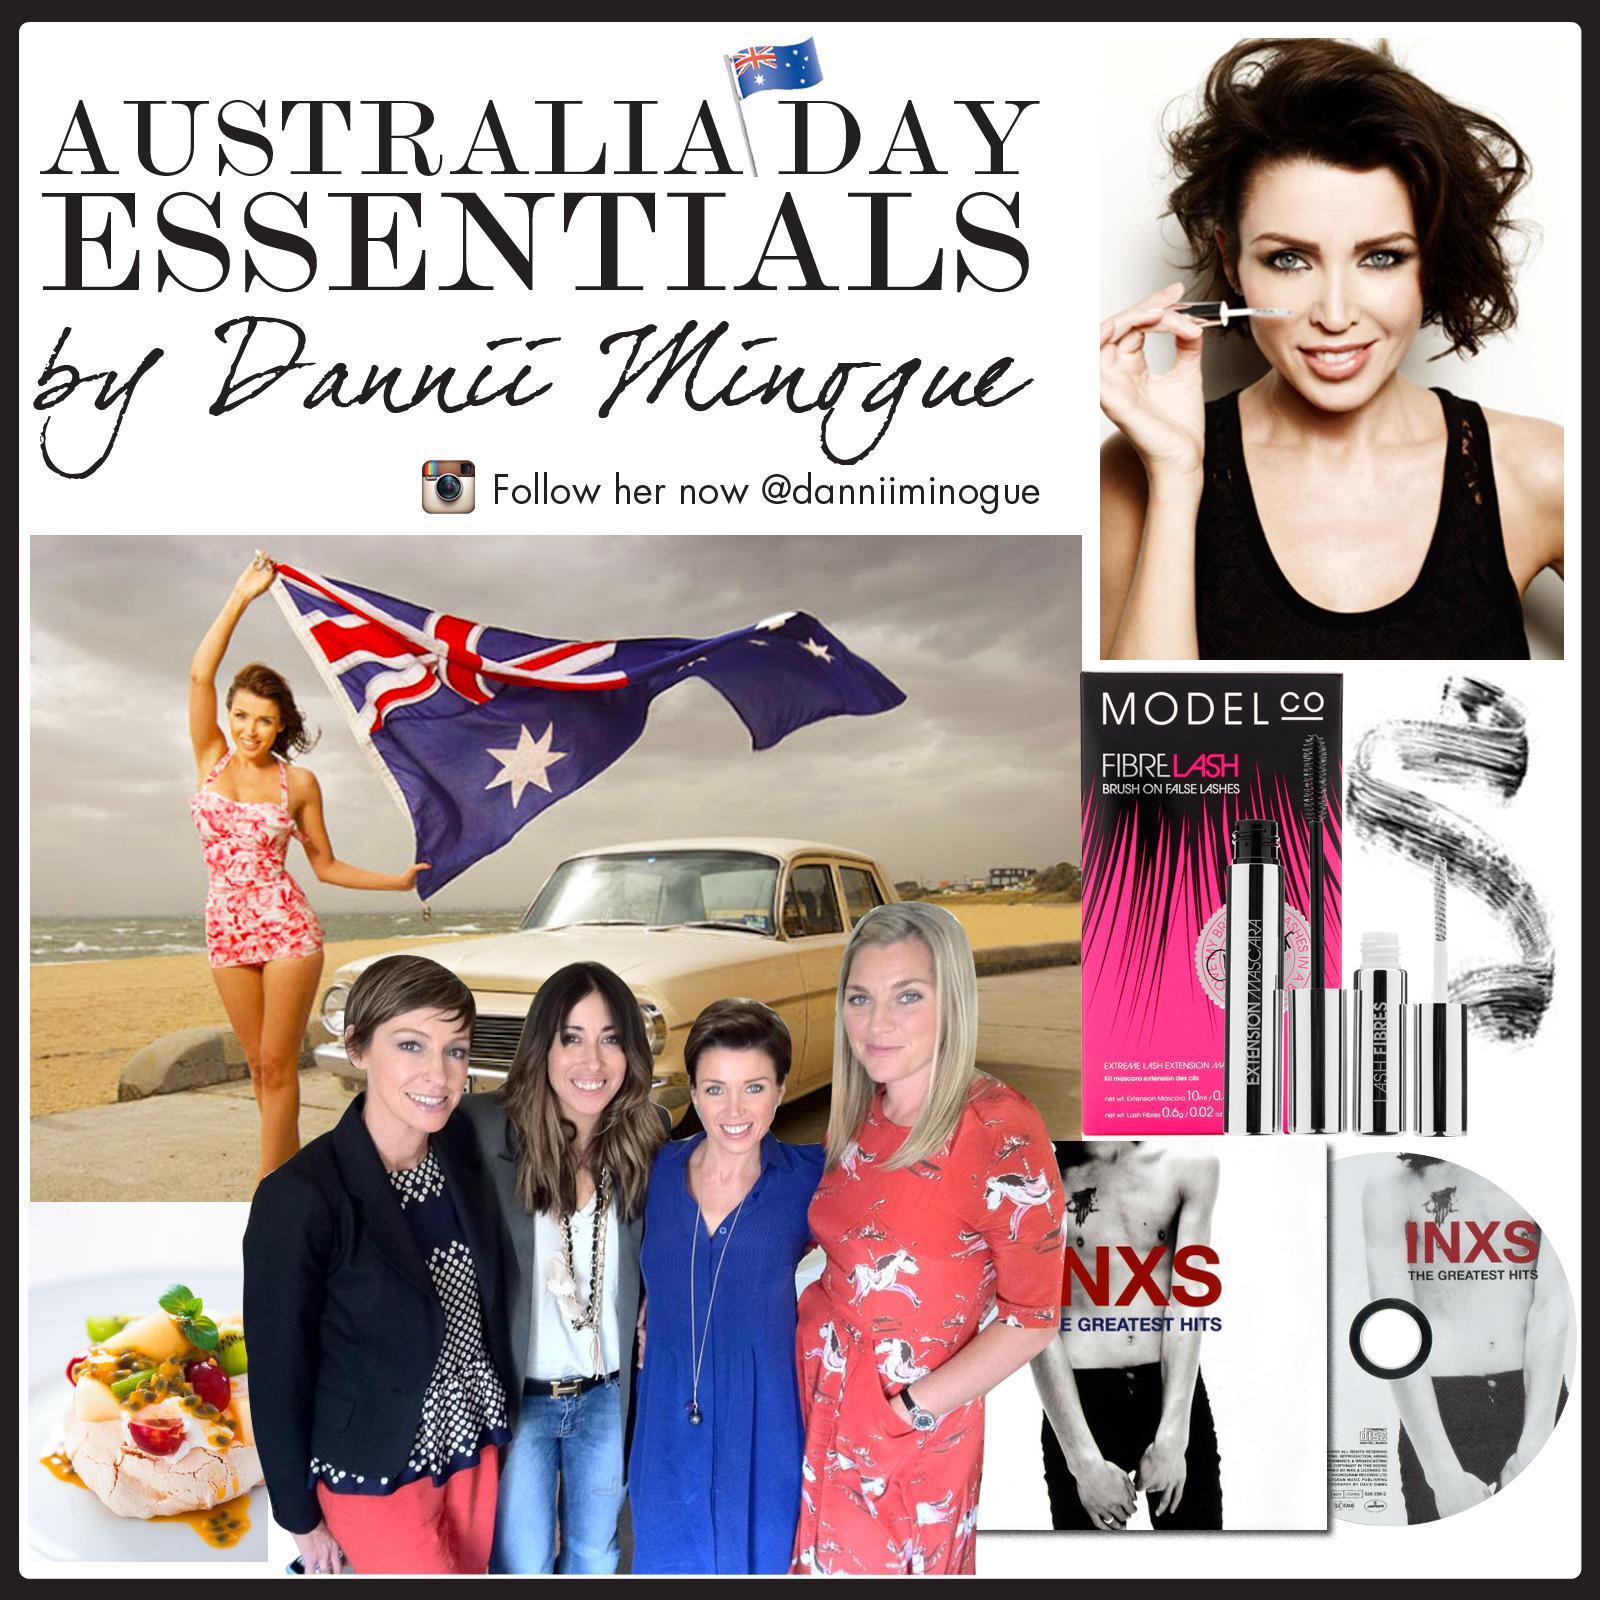 http://4.bp.blogspot.com/-75ThNX04Di4/UQIfAE0EkJI/AAAAAAAACXs/a7JOyMbJzwQ/s1600/Dannii_AustraliaDay_FA%231341.jpg